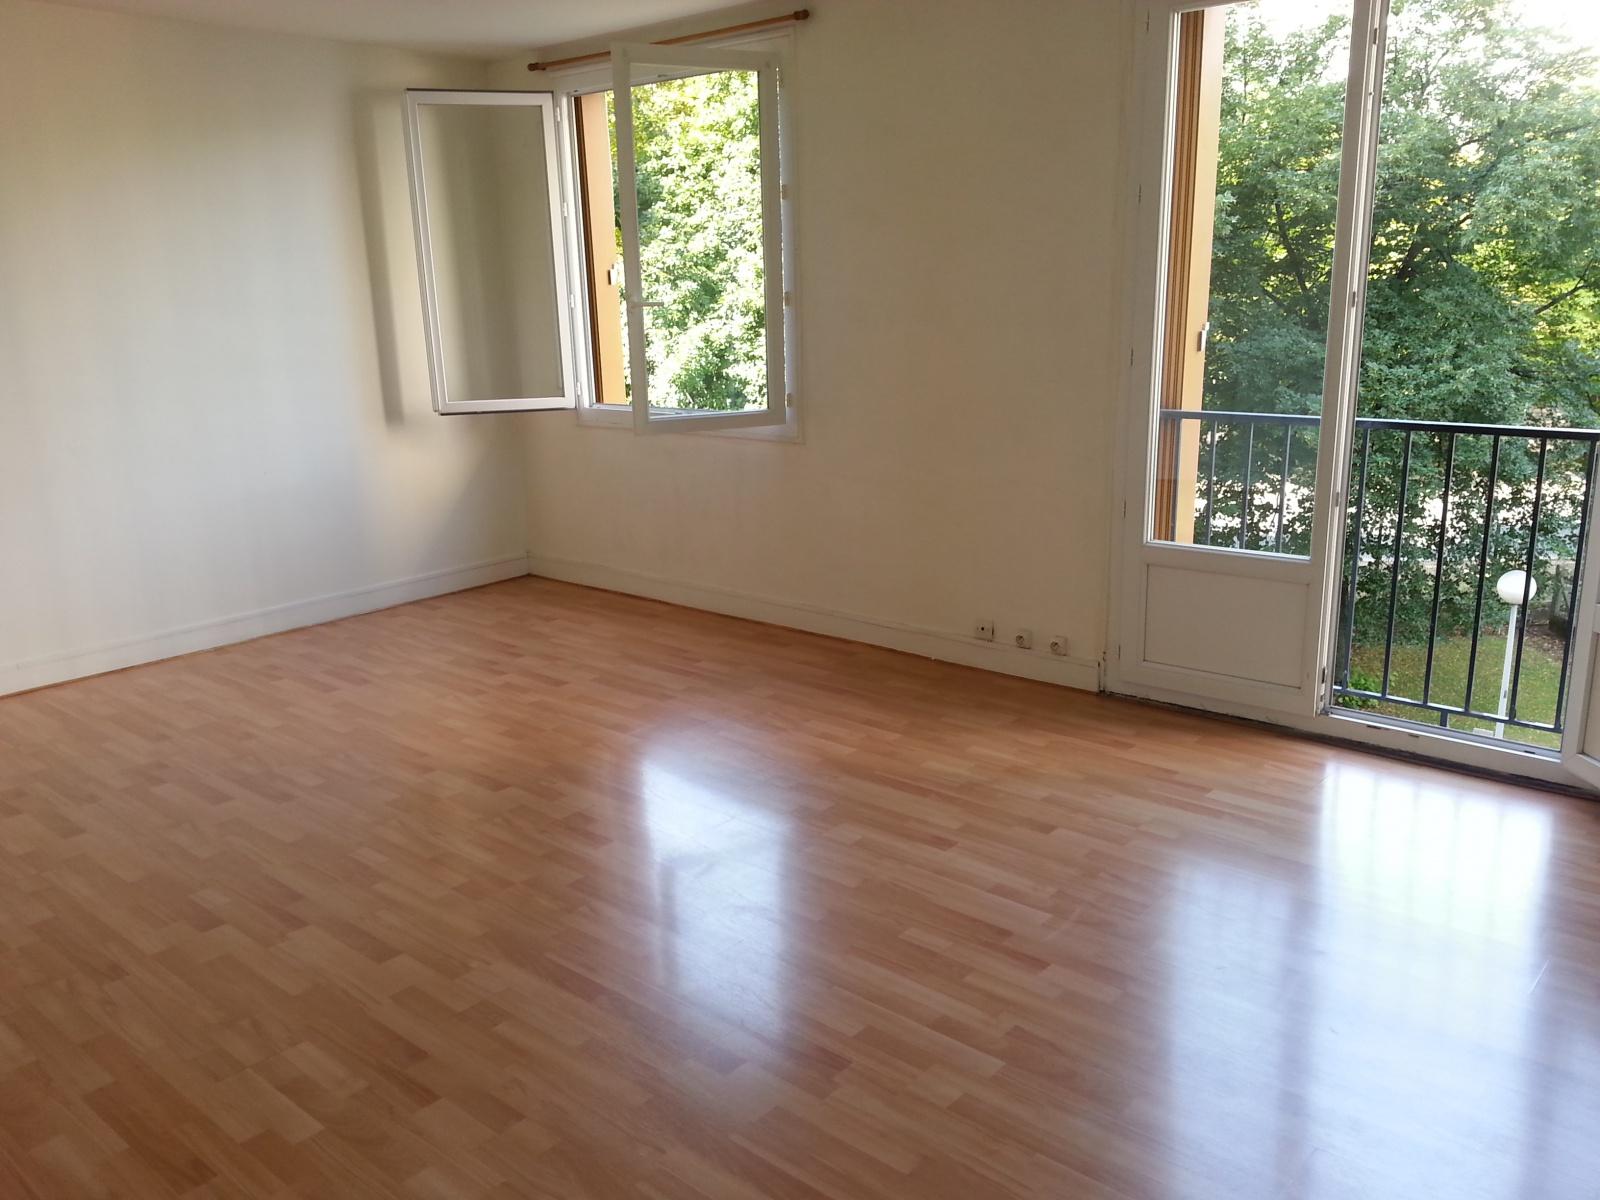 Appartement 3 pièces très bien entretenu